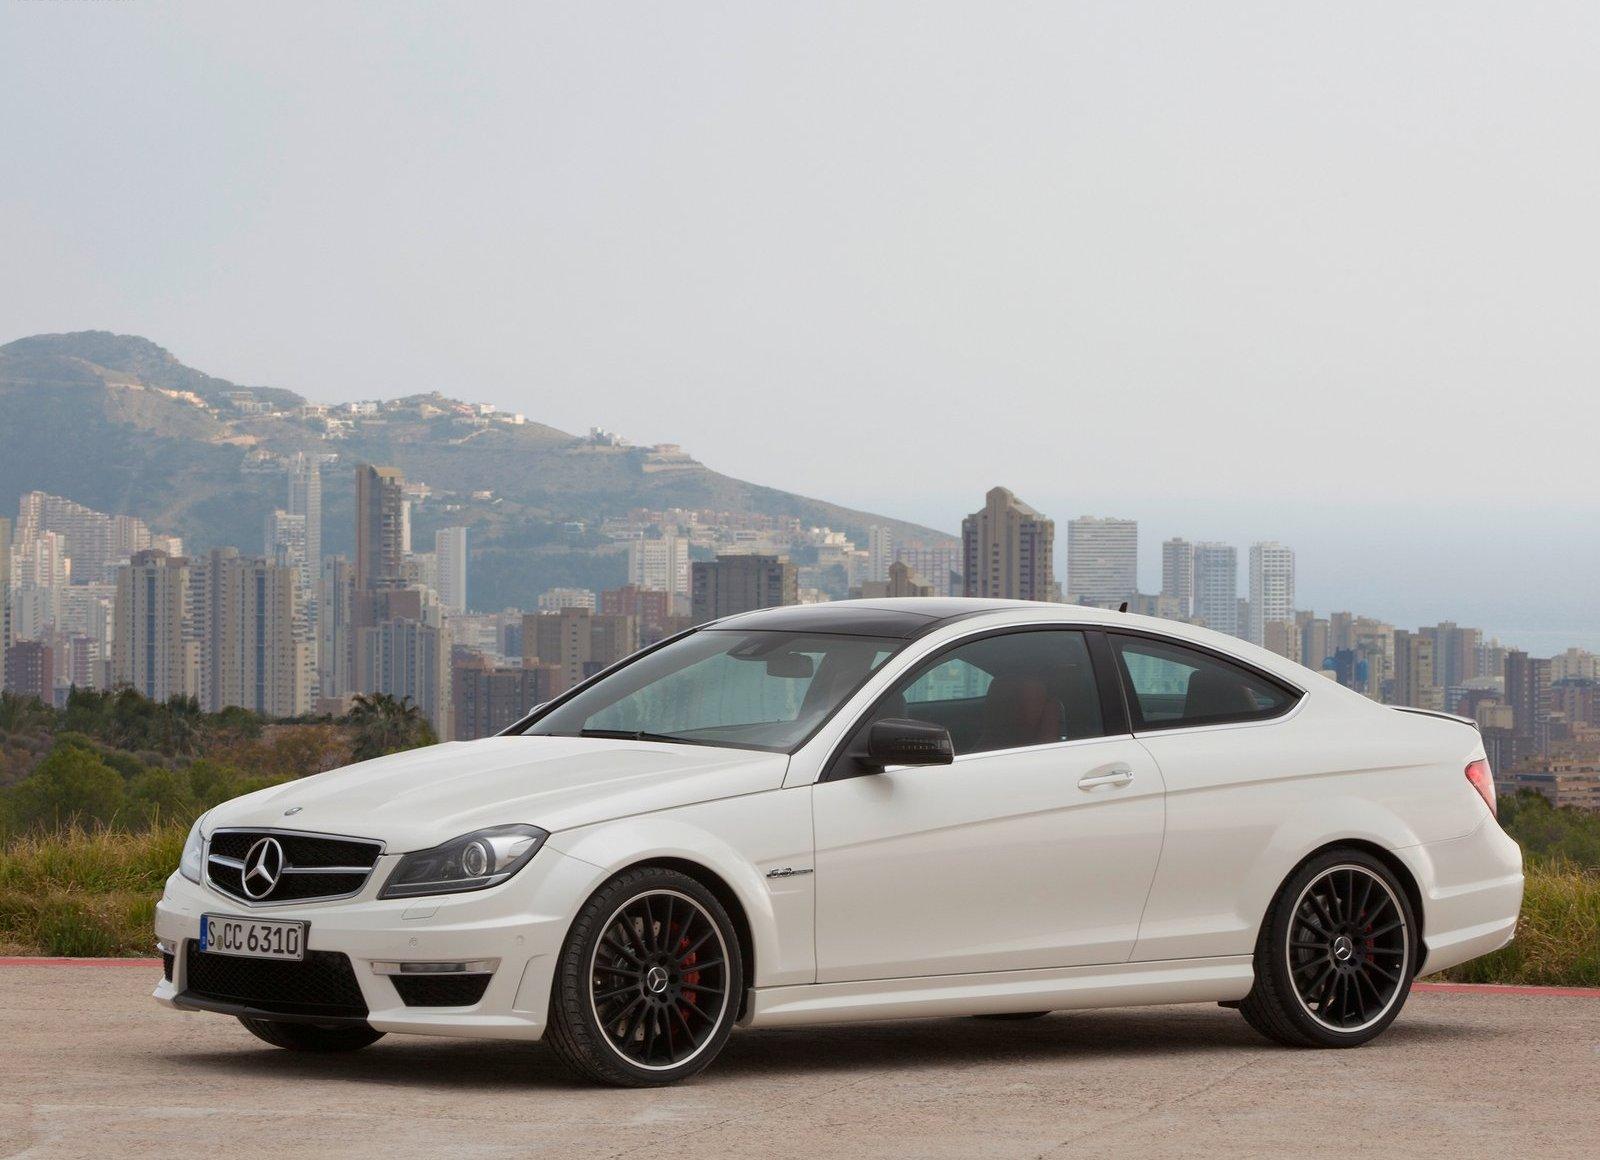 http://3.bp.blogspot.com/-zO6G8YUKSP4/TcZWvNA4_jI/AAAAAAAAAeM/EIuCcSGM4Ng/s1600/Mercedes-Benz-C63_AMG_Coupe_2012_1600x1200_wallpaper_06.jpg